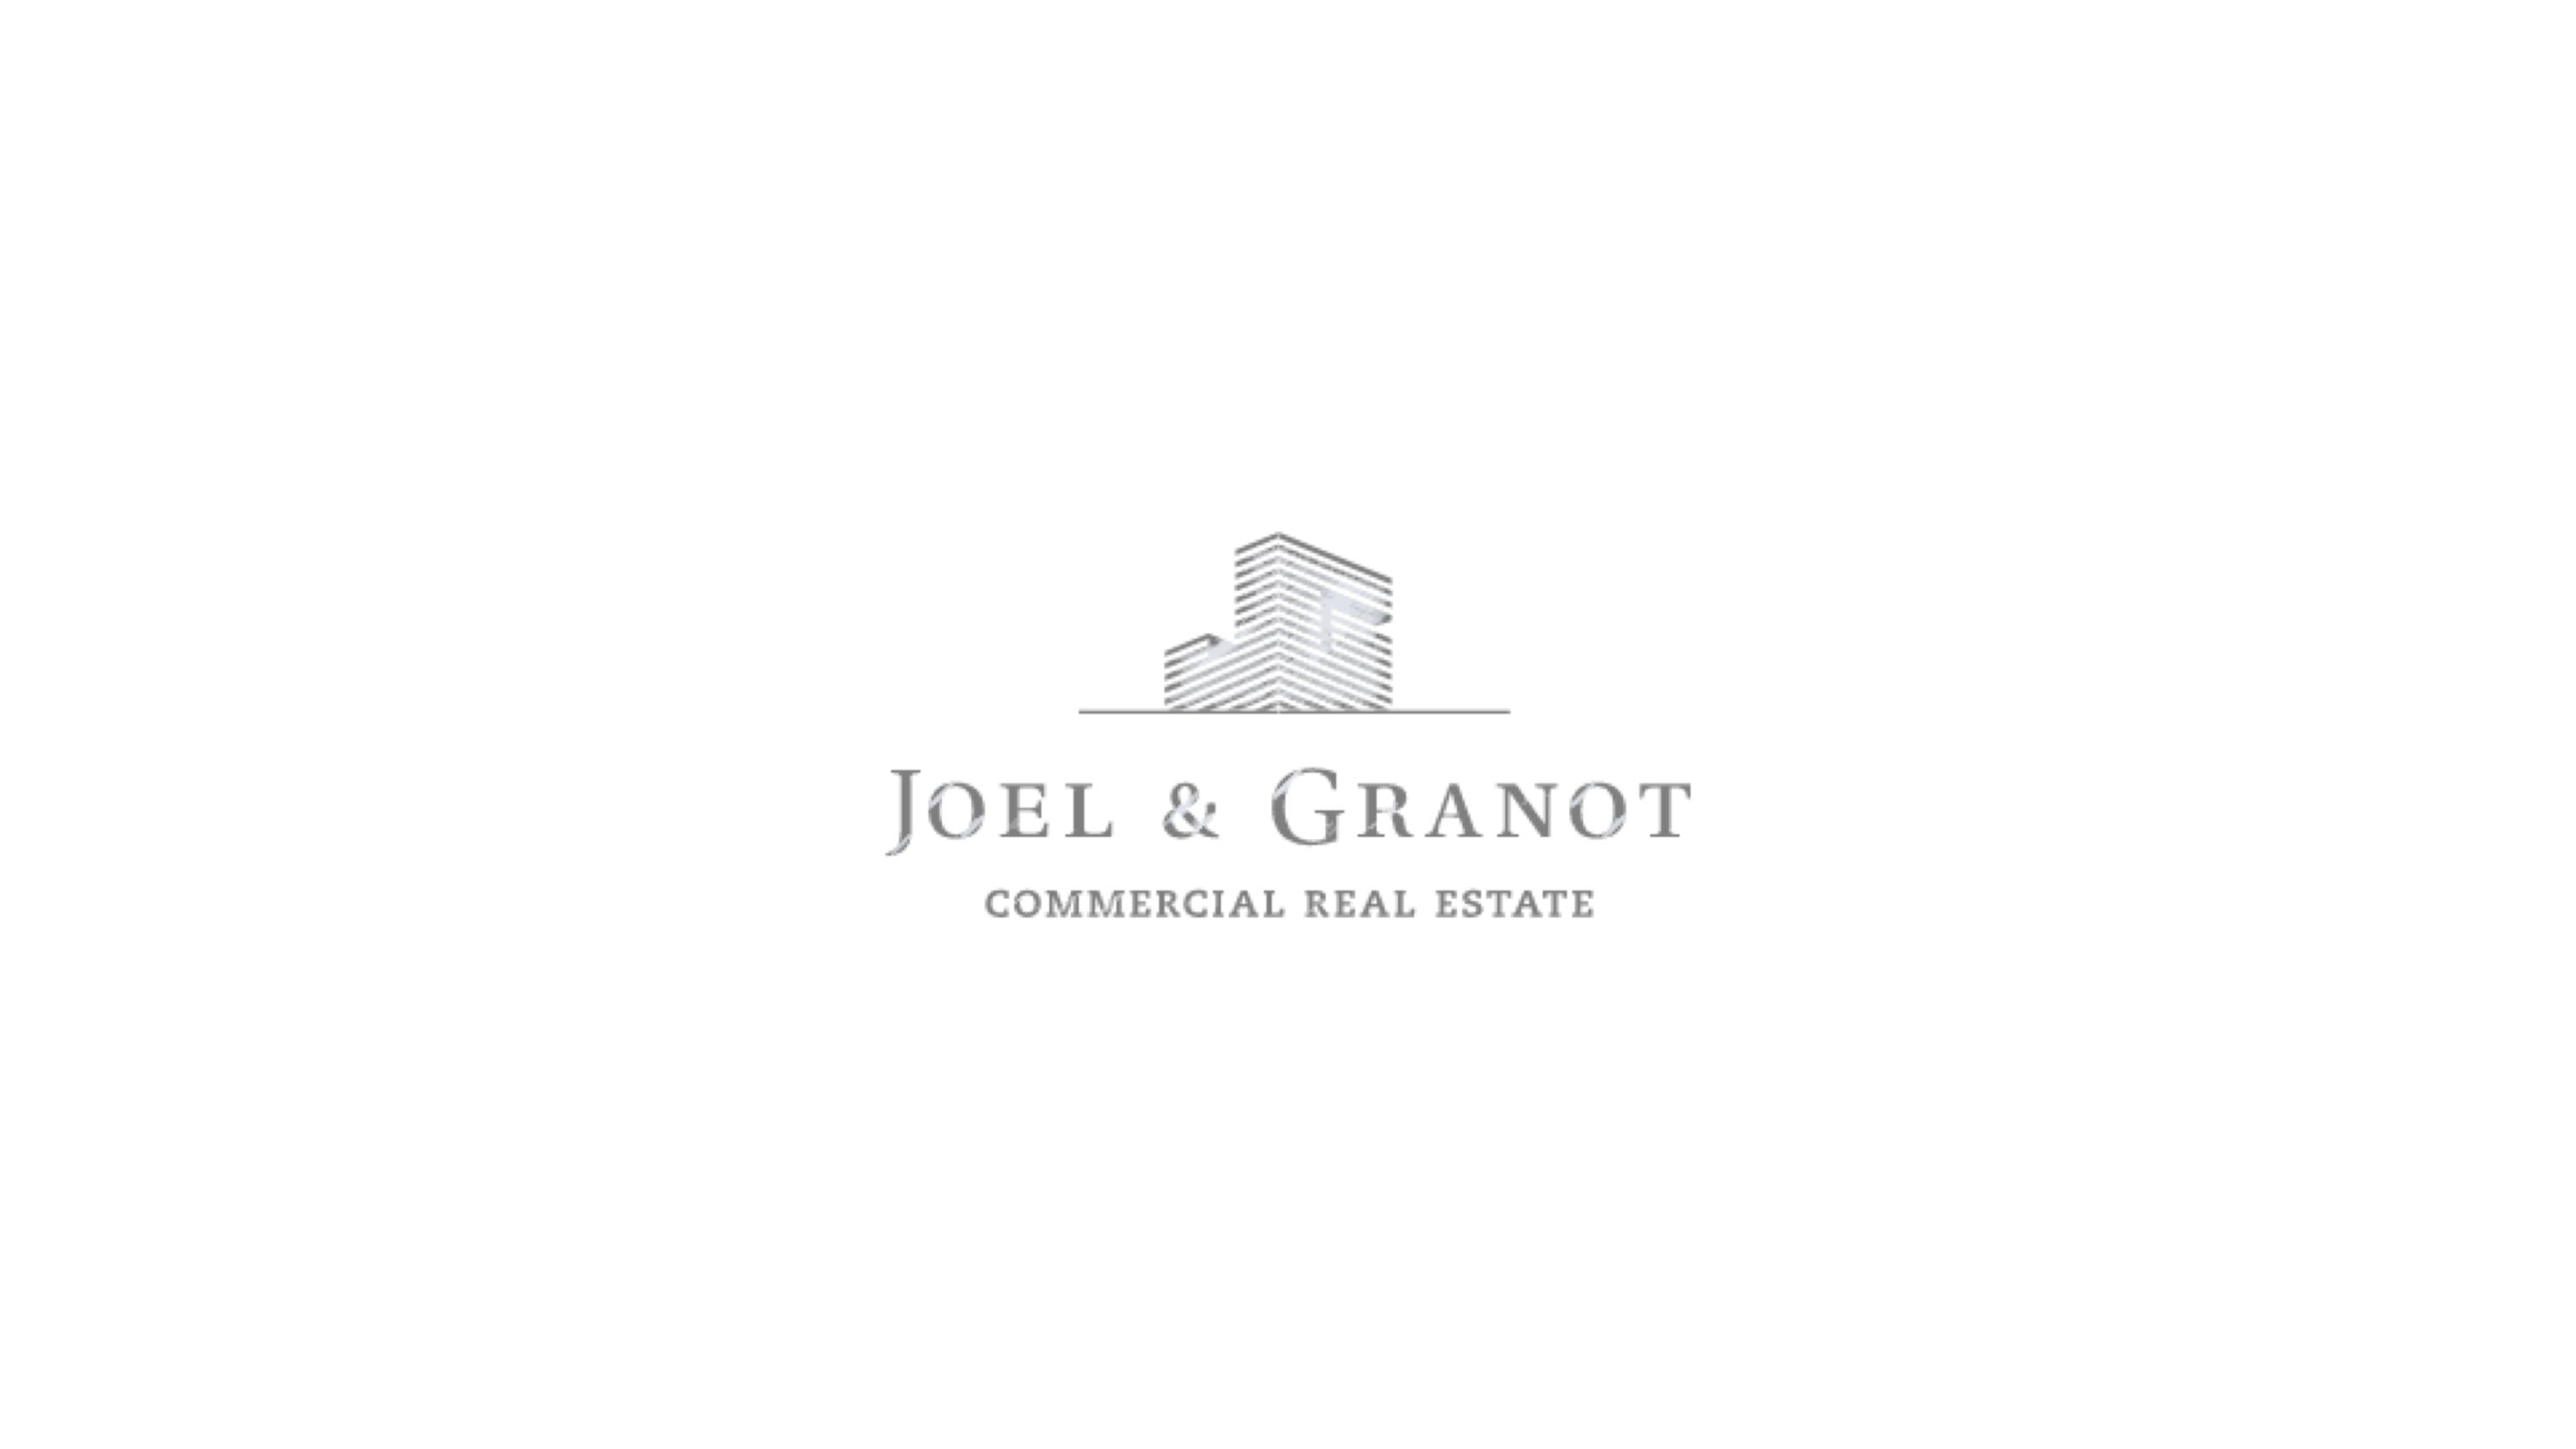 Joel-Granot-Real-Estate-LLC-Logo